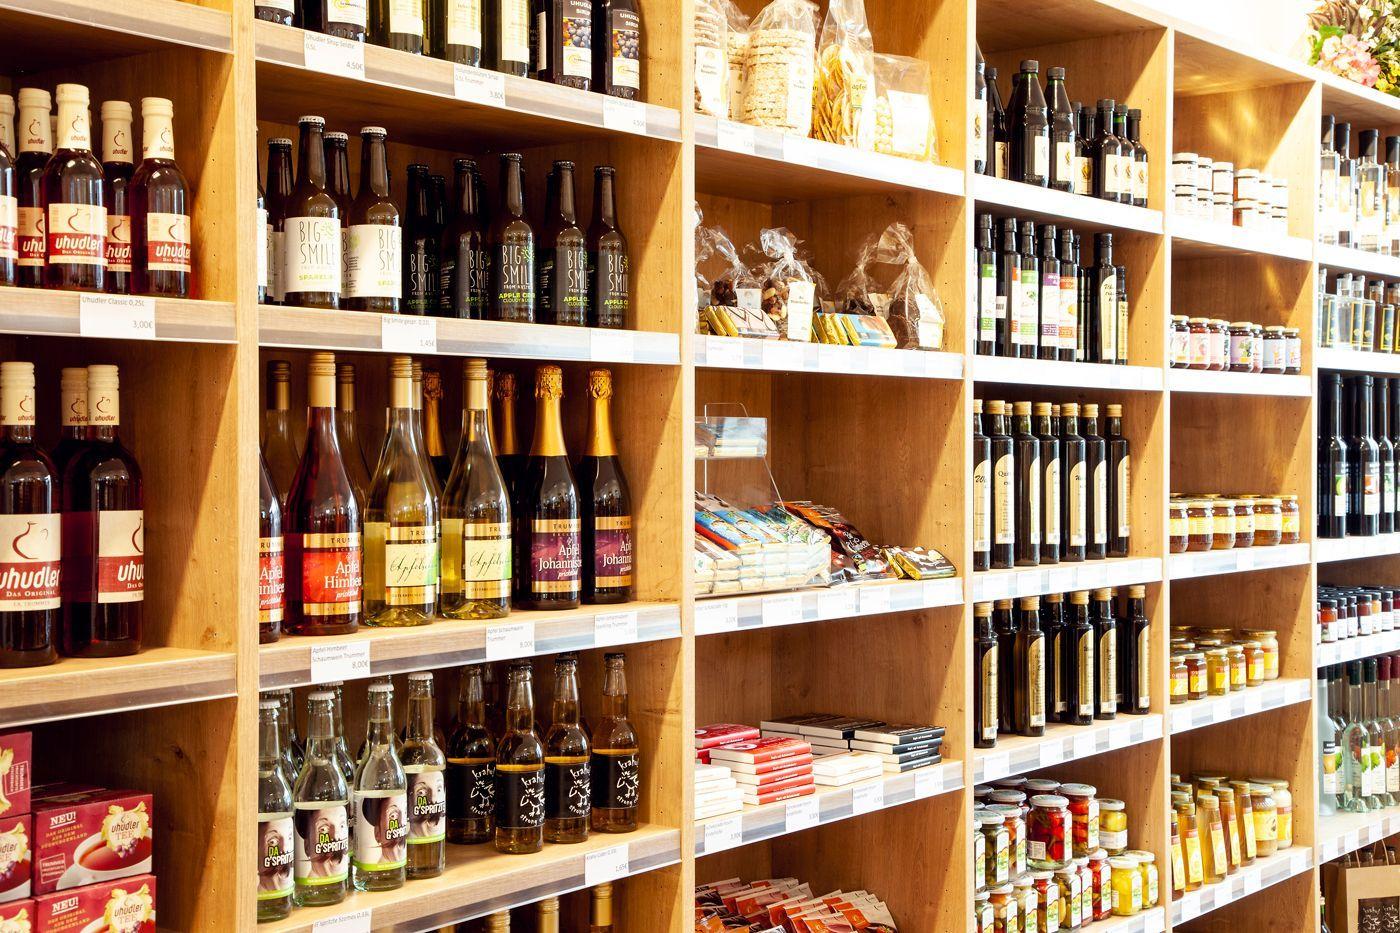 Regionsgreißlerei - Bauernladen - Bauernladen